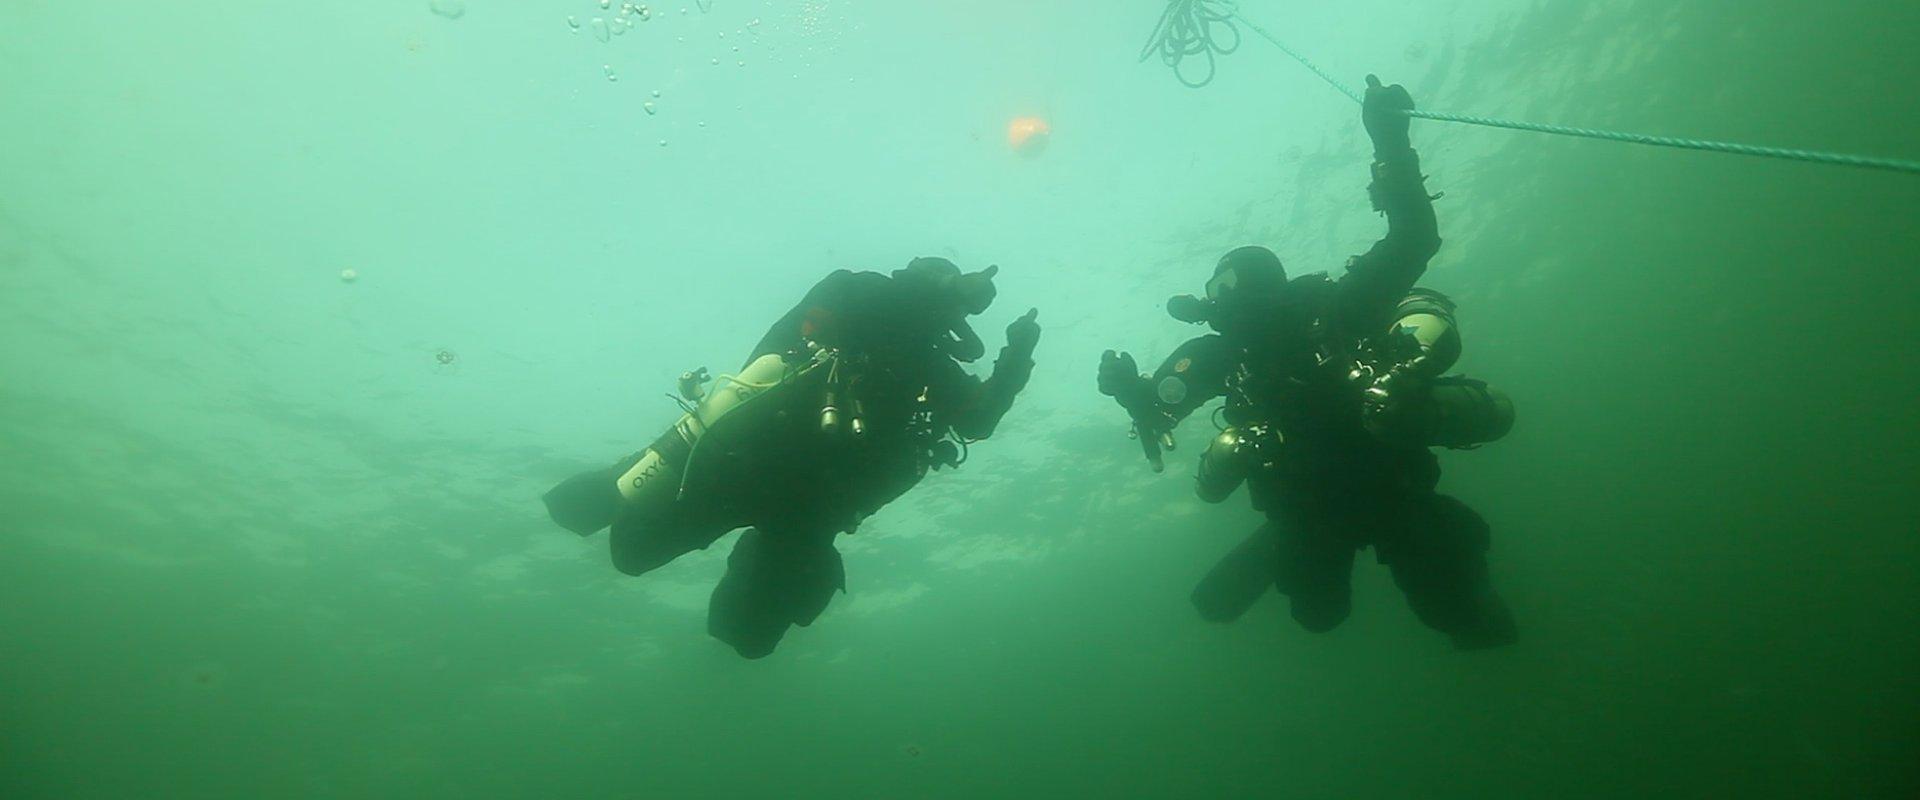 Podwodne dziedzictwo. ŁOWCY TAJEMNIC BAŁTYKU od dzisiaj w CANAL+ PREMIUM oraz od jutra w serwisie CANAL+ online.